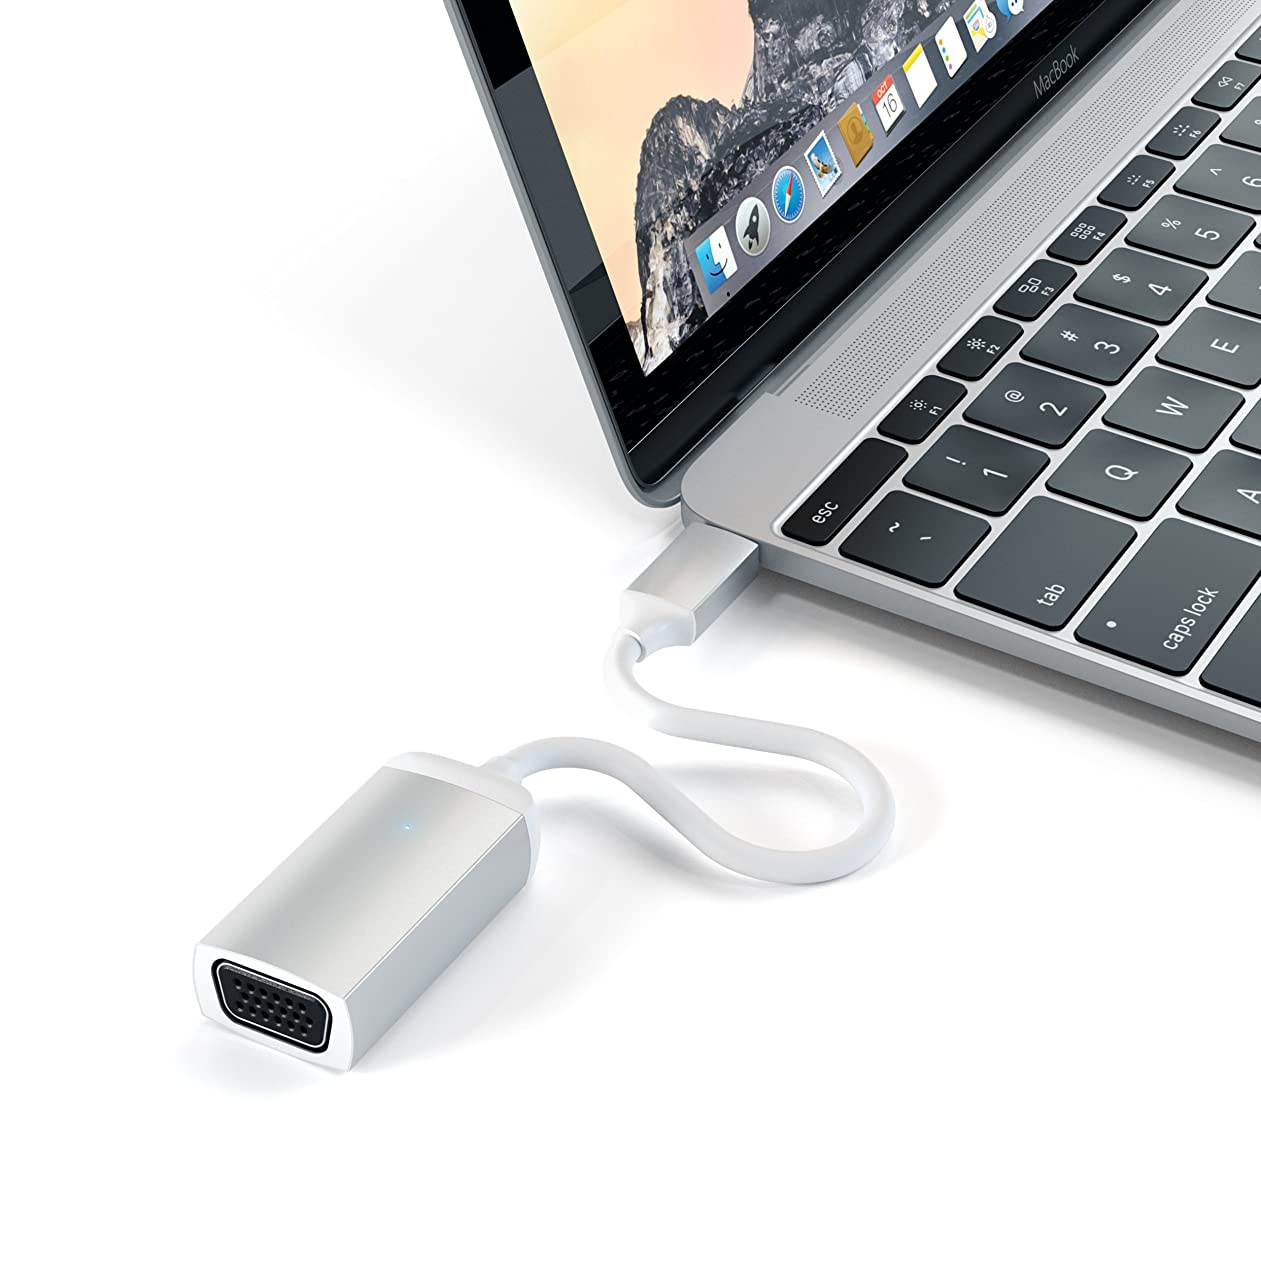 礼拝贈り物避難するUSB C ハブ 4in1 USB Type C to HDMI/USB/PD 変換アダプタ Samsung Galaxy S8、Macbook/ Pro 対応